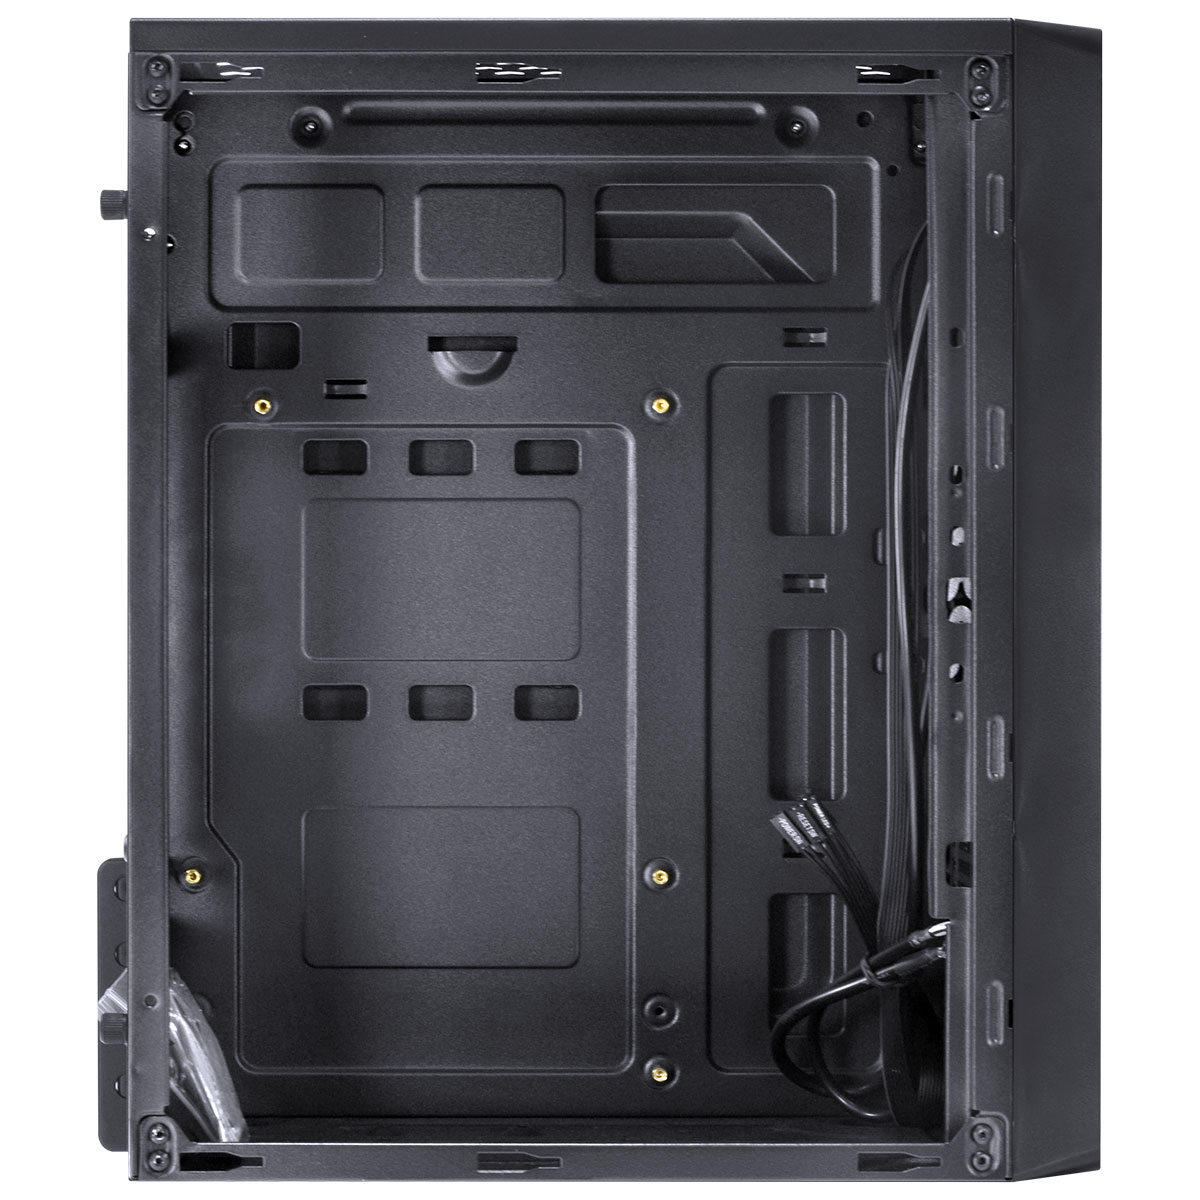 COMPUTADOR BUSINESS B700 - I7 4770 3.4GHZ 8GB DDR3 HD 1TB HDMI/VGA FONTE 250W